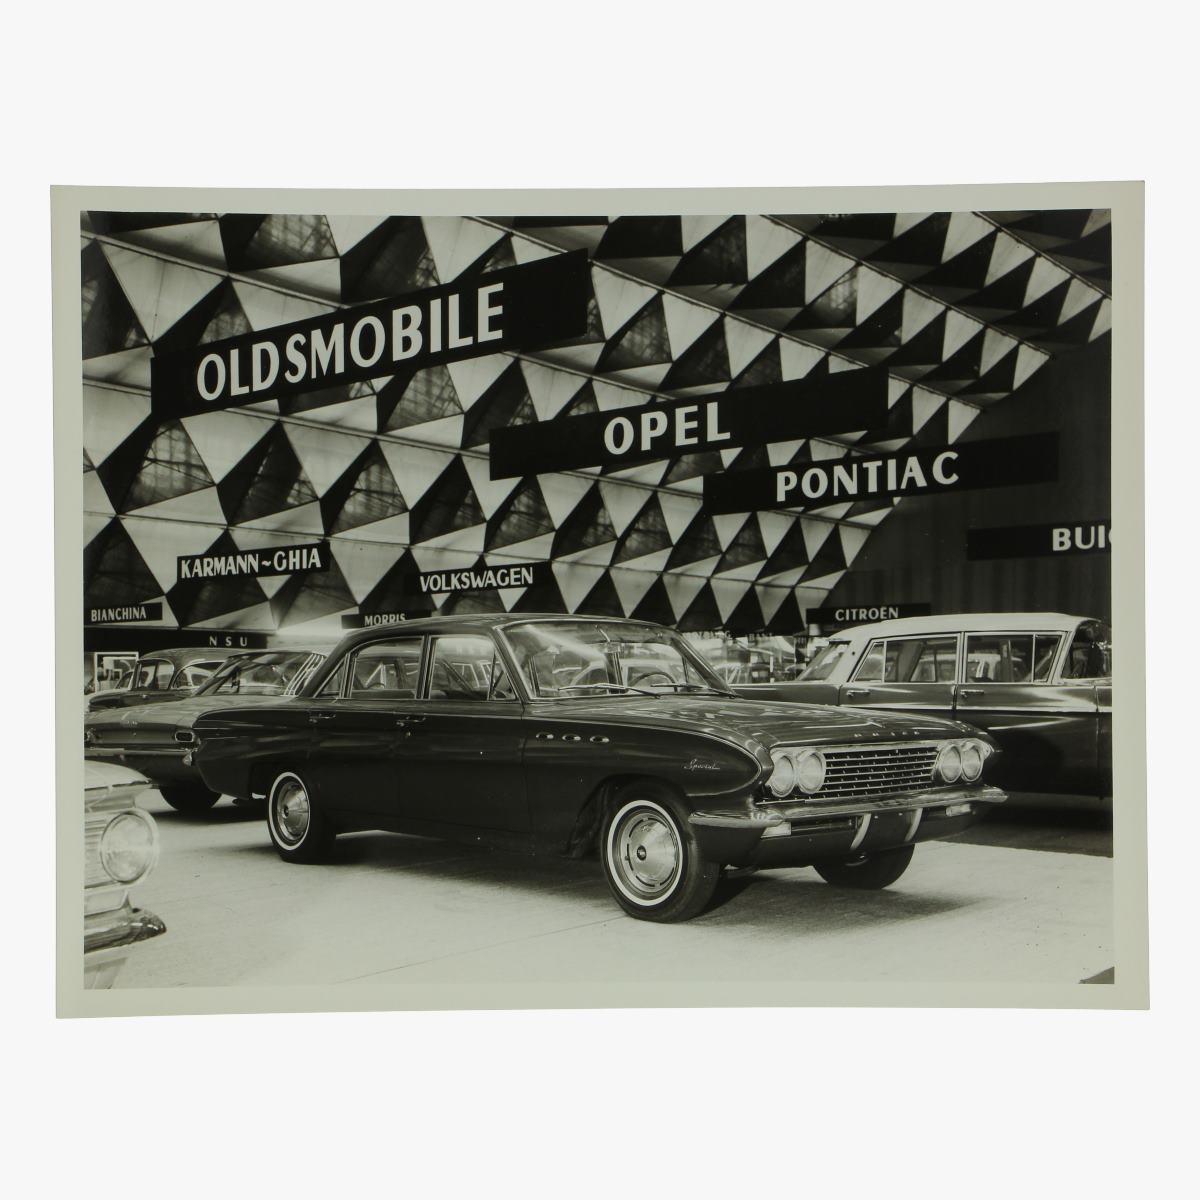 Afbeeldingen van zwart-wit foto buick special deluxe 4 door